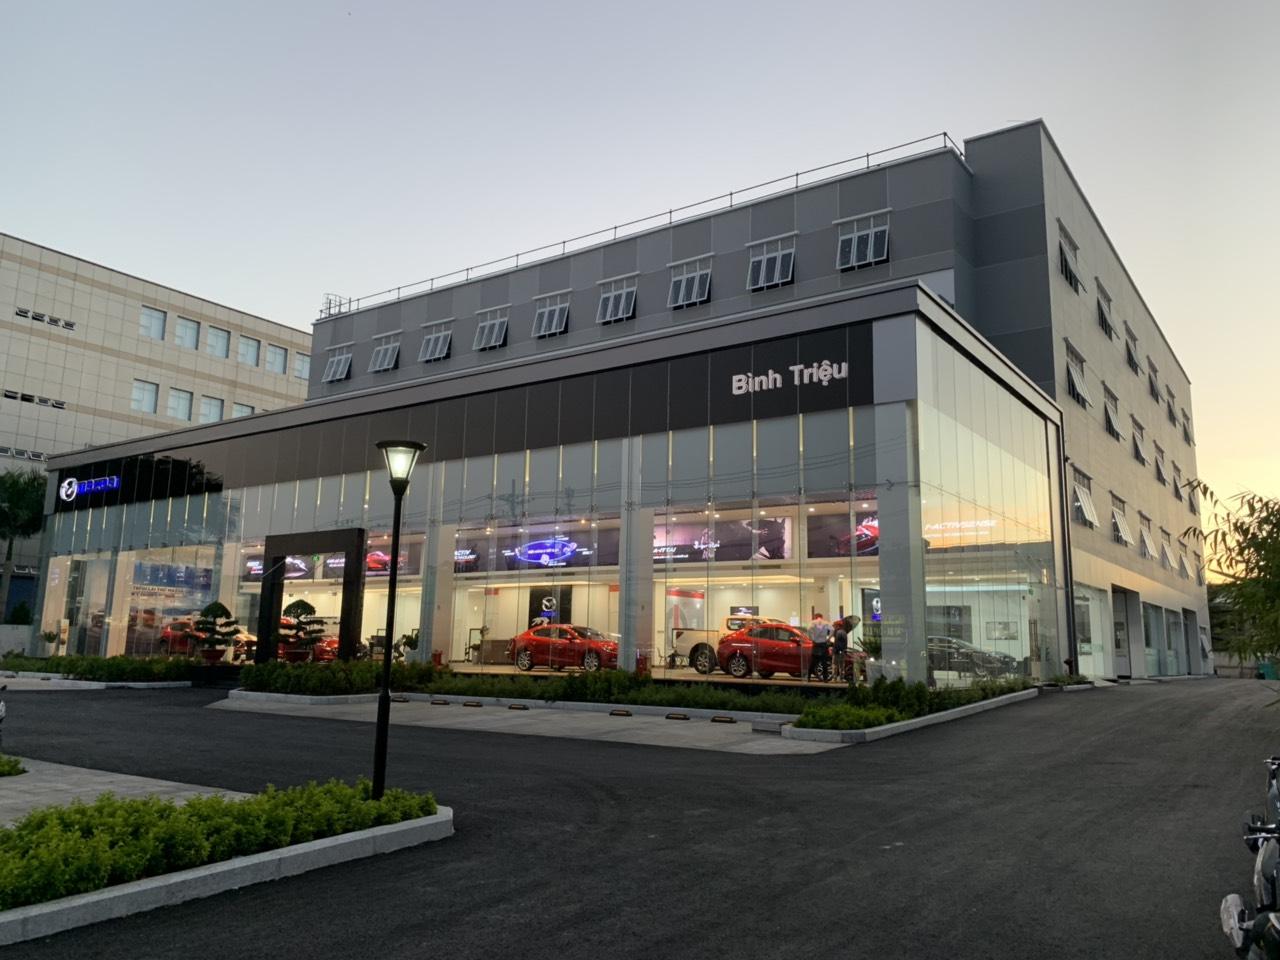 7 - Giới thiệu đại lý Mazda Bình Triệu, Tp. Hồ Chí Minh